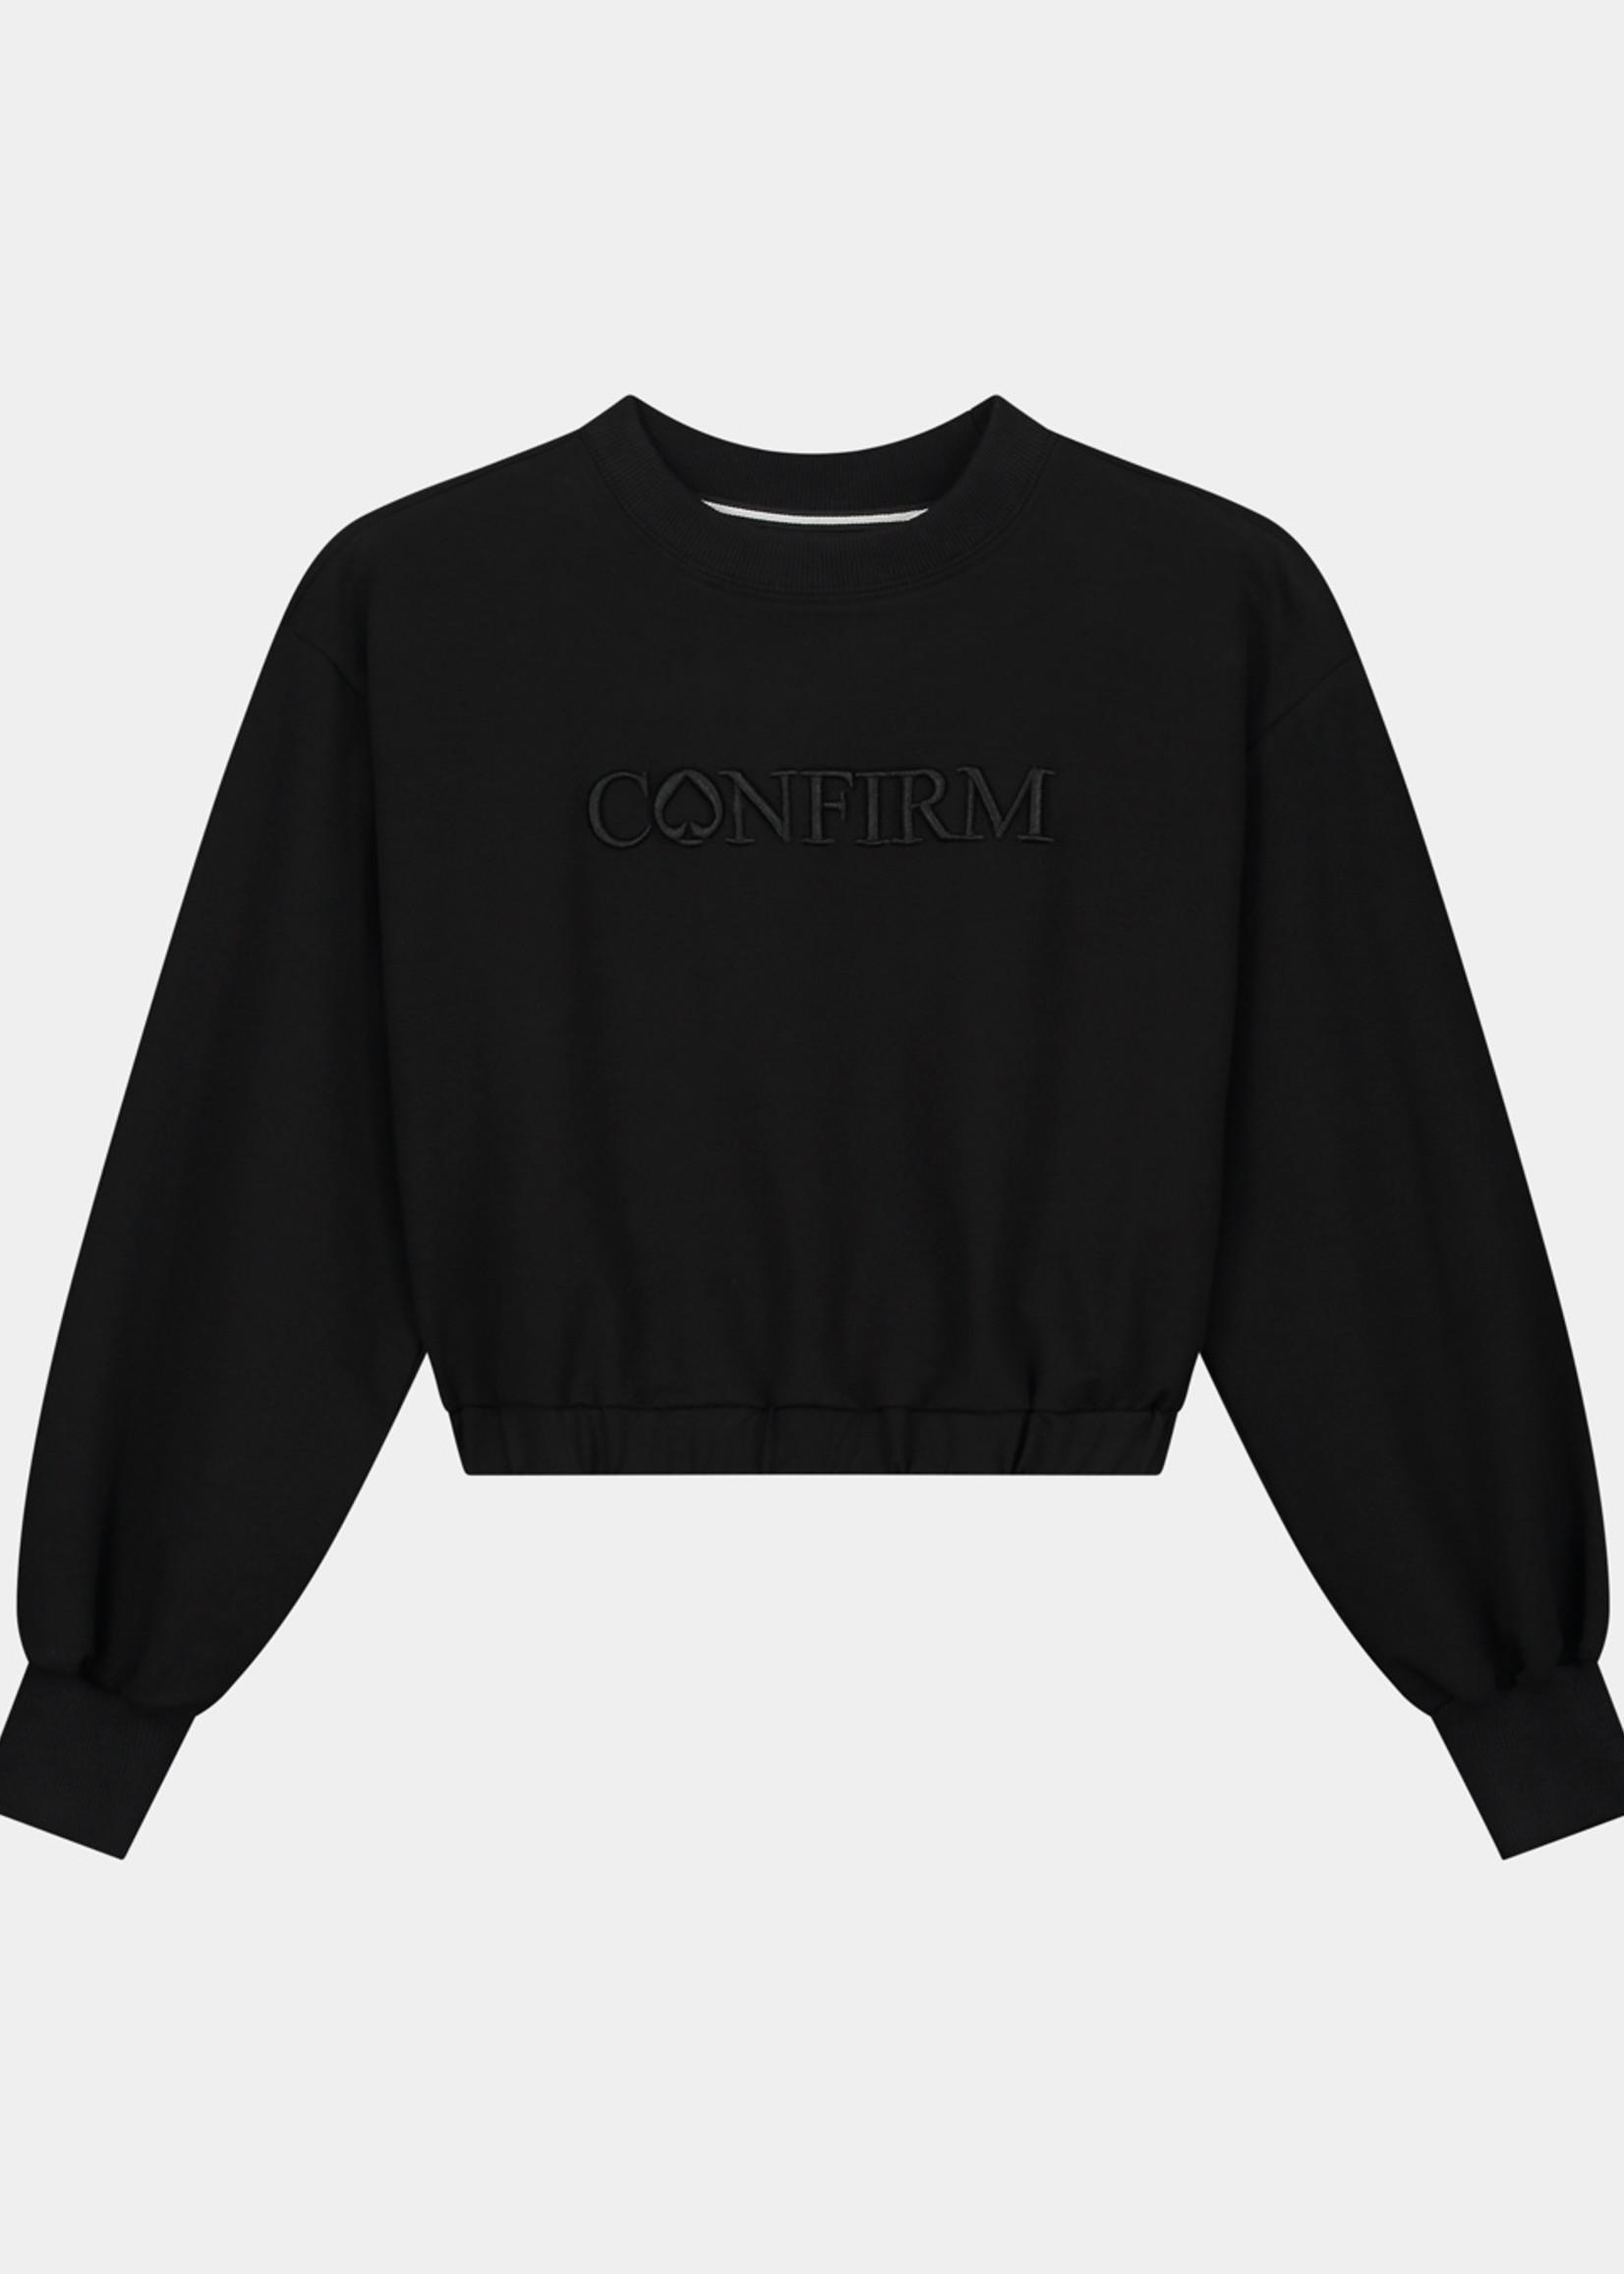 Confirm Caramella crop top - black